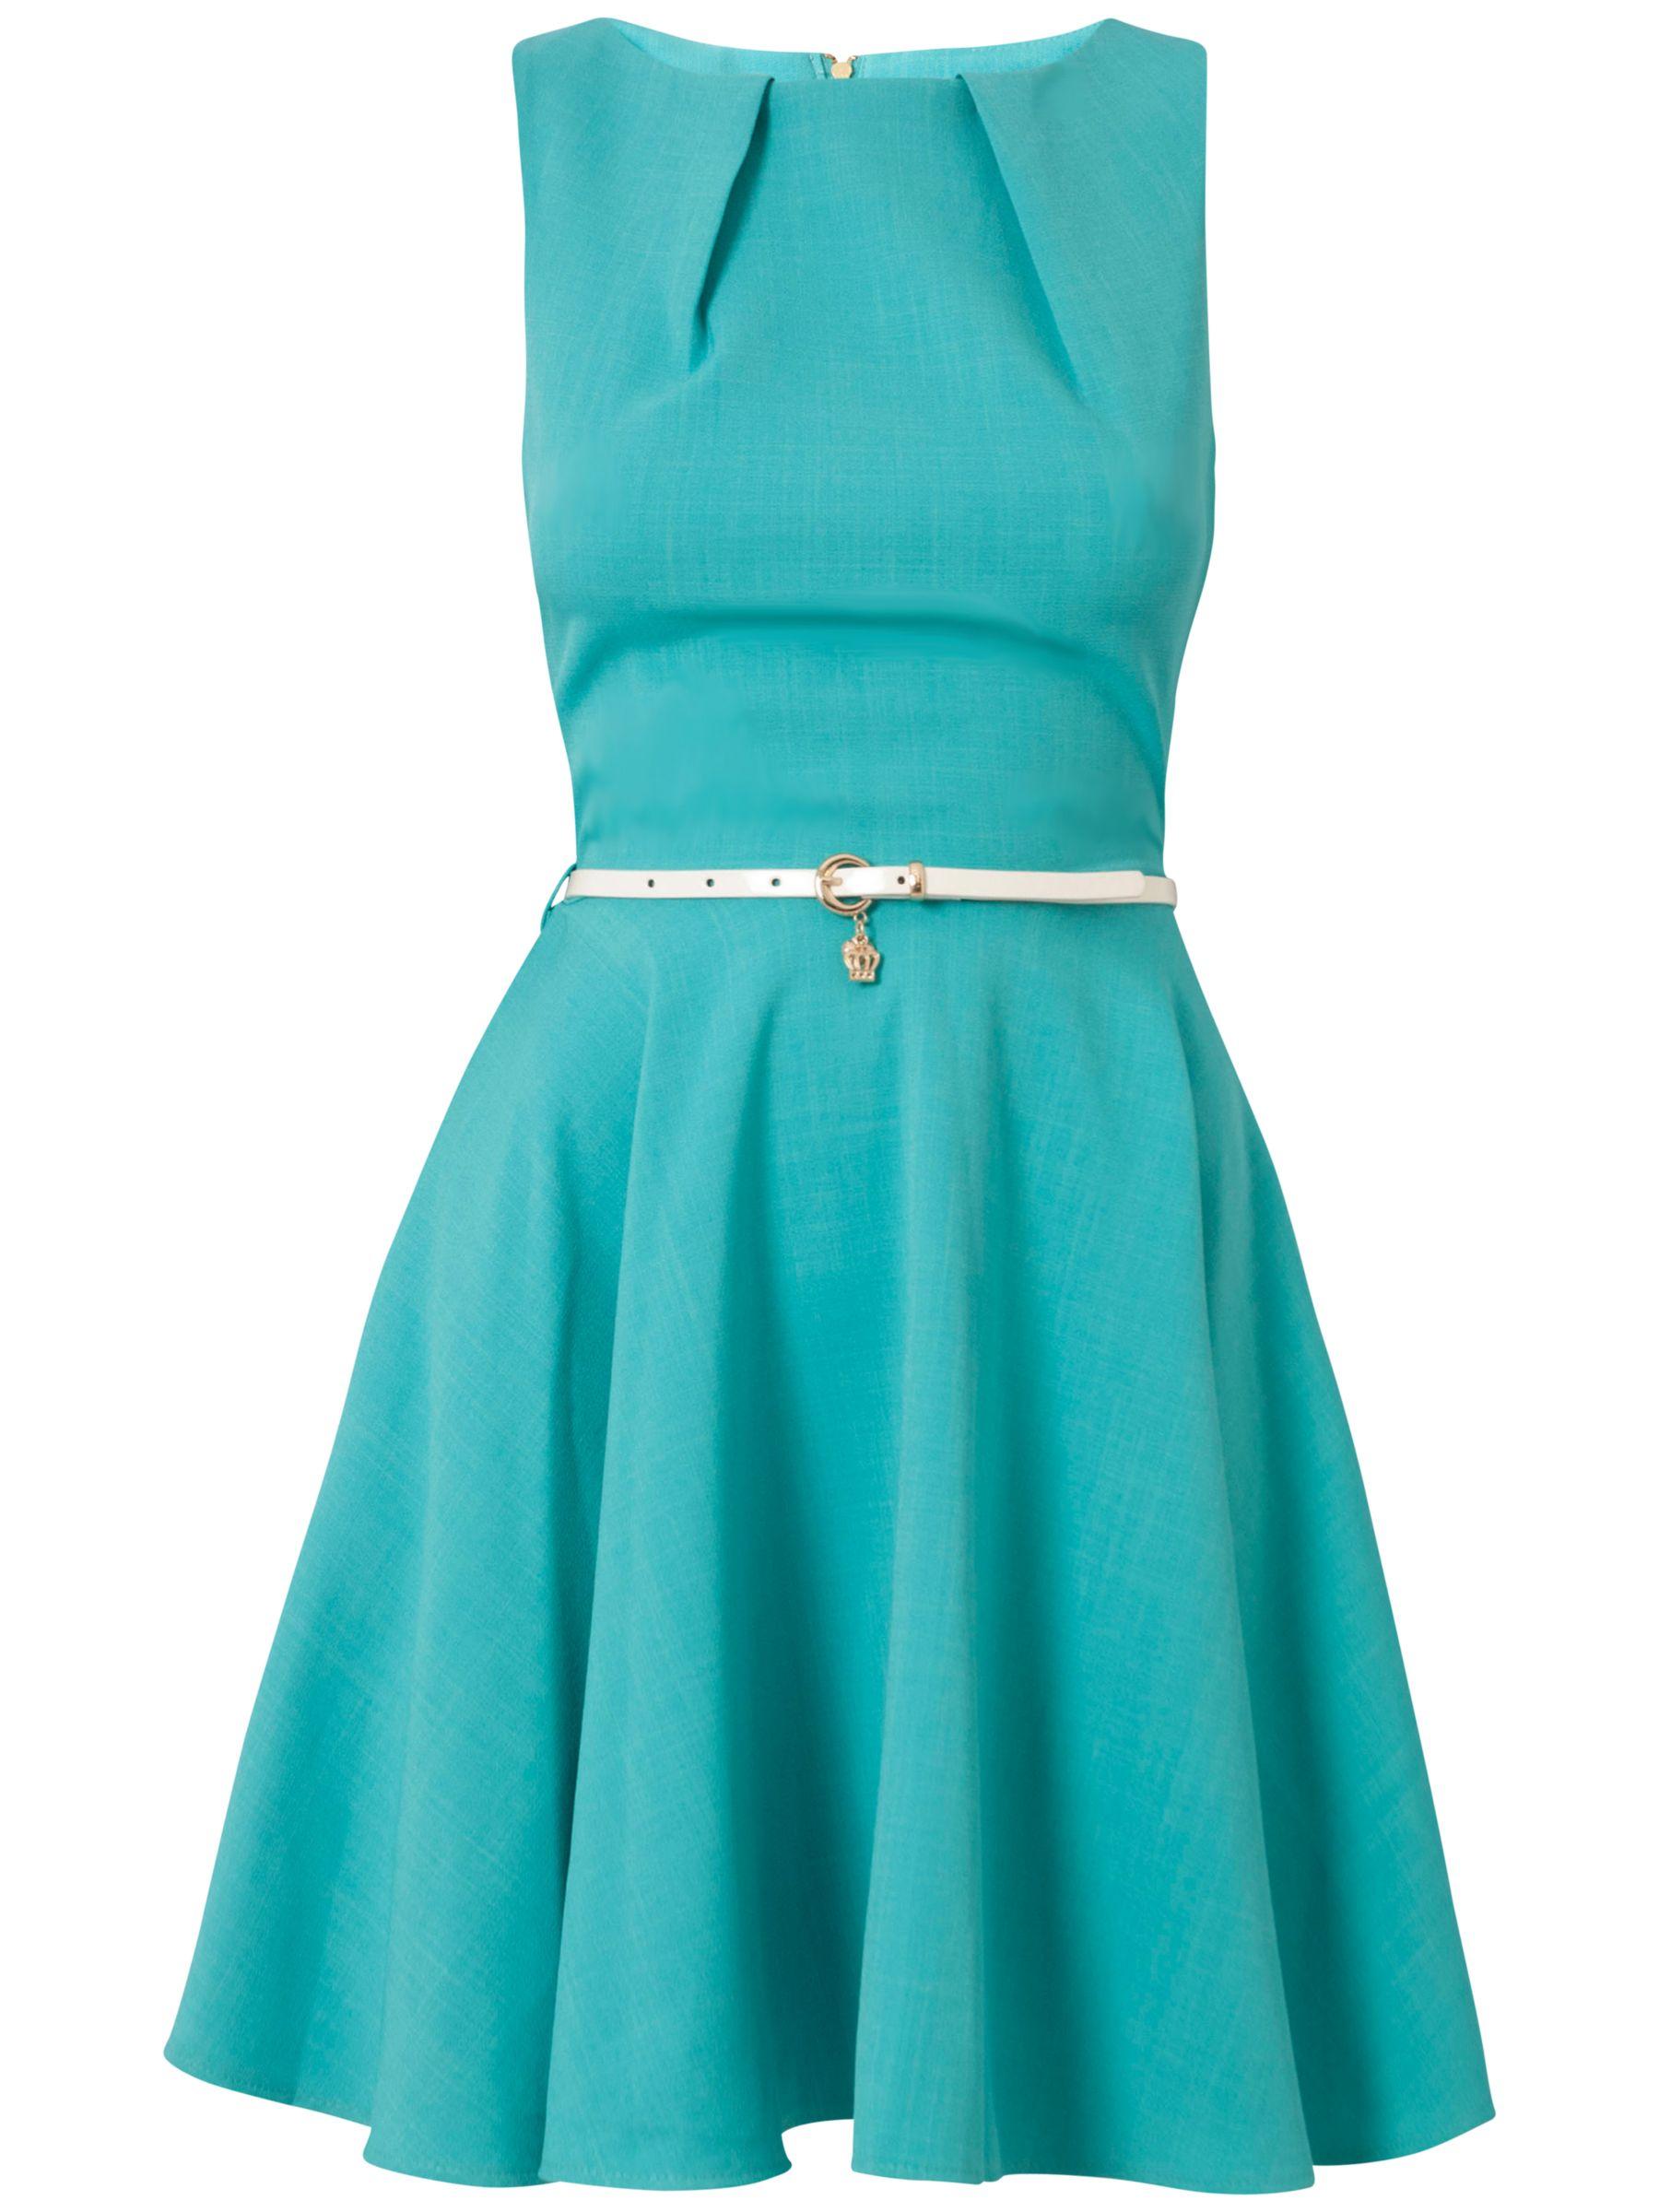 closet belt dress aqua, closet, belt, dress, aqua, 8|12|10|16|14, clearance, womenswear offers, womens dresses offers, women, womens dresses, special offers, 1143461